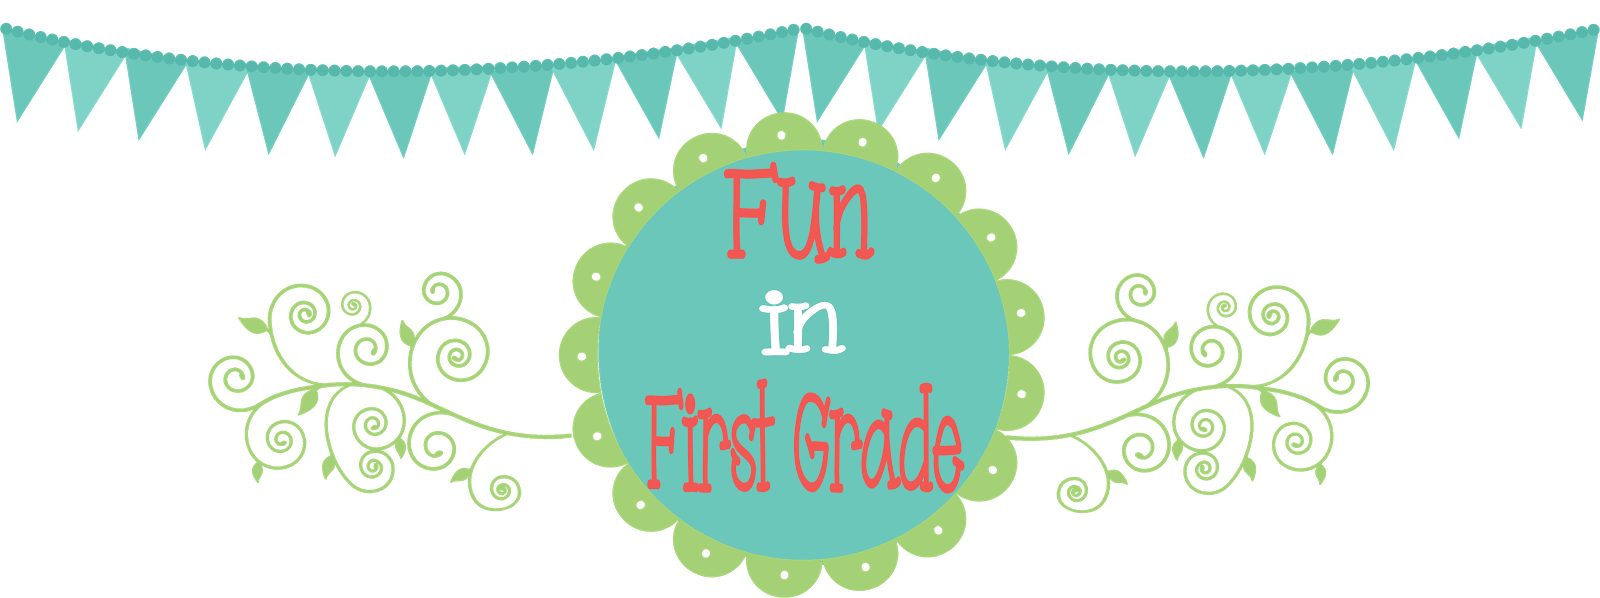 Worksheet First Grade in first grade fun grade